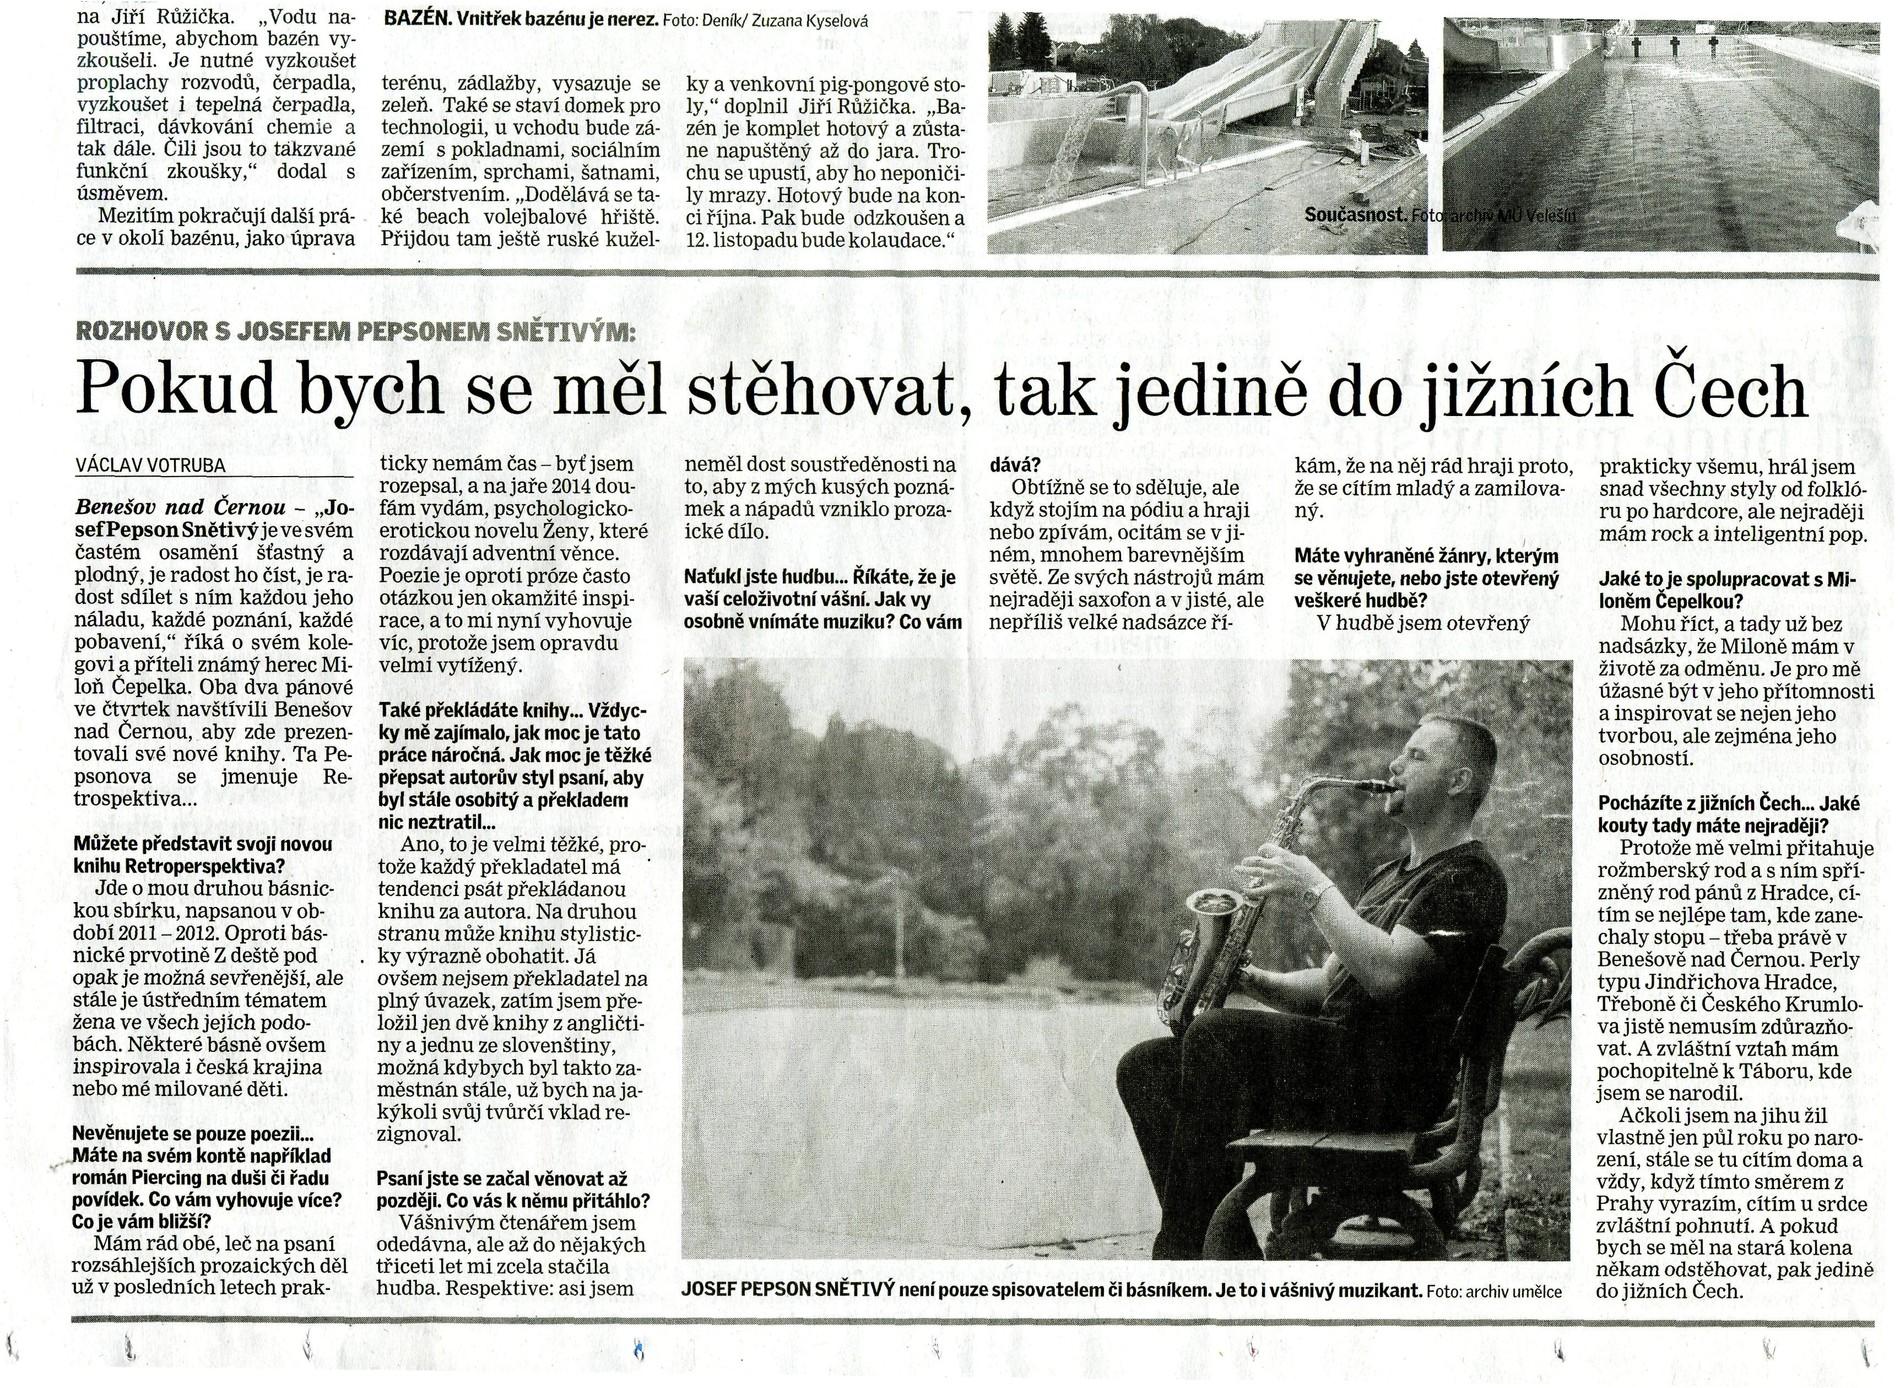 657d9950d18 Rozhovor otištěný v Českokrumlovském deníku si přečtěte ...